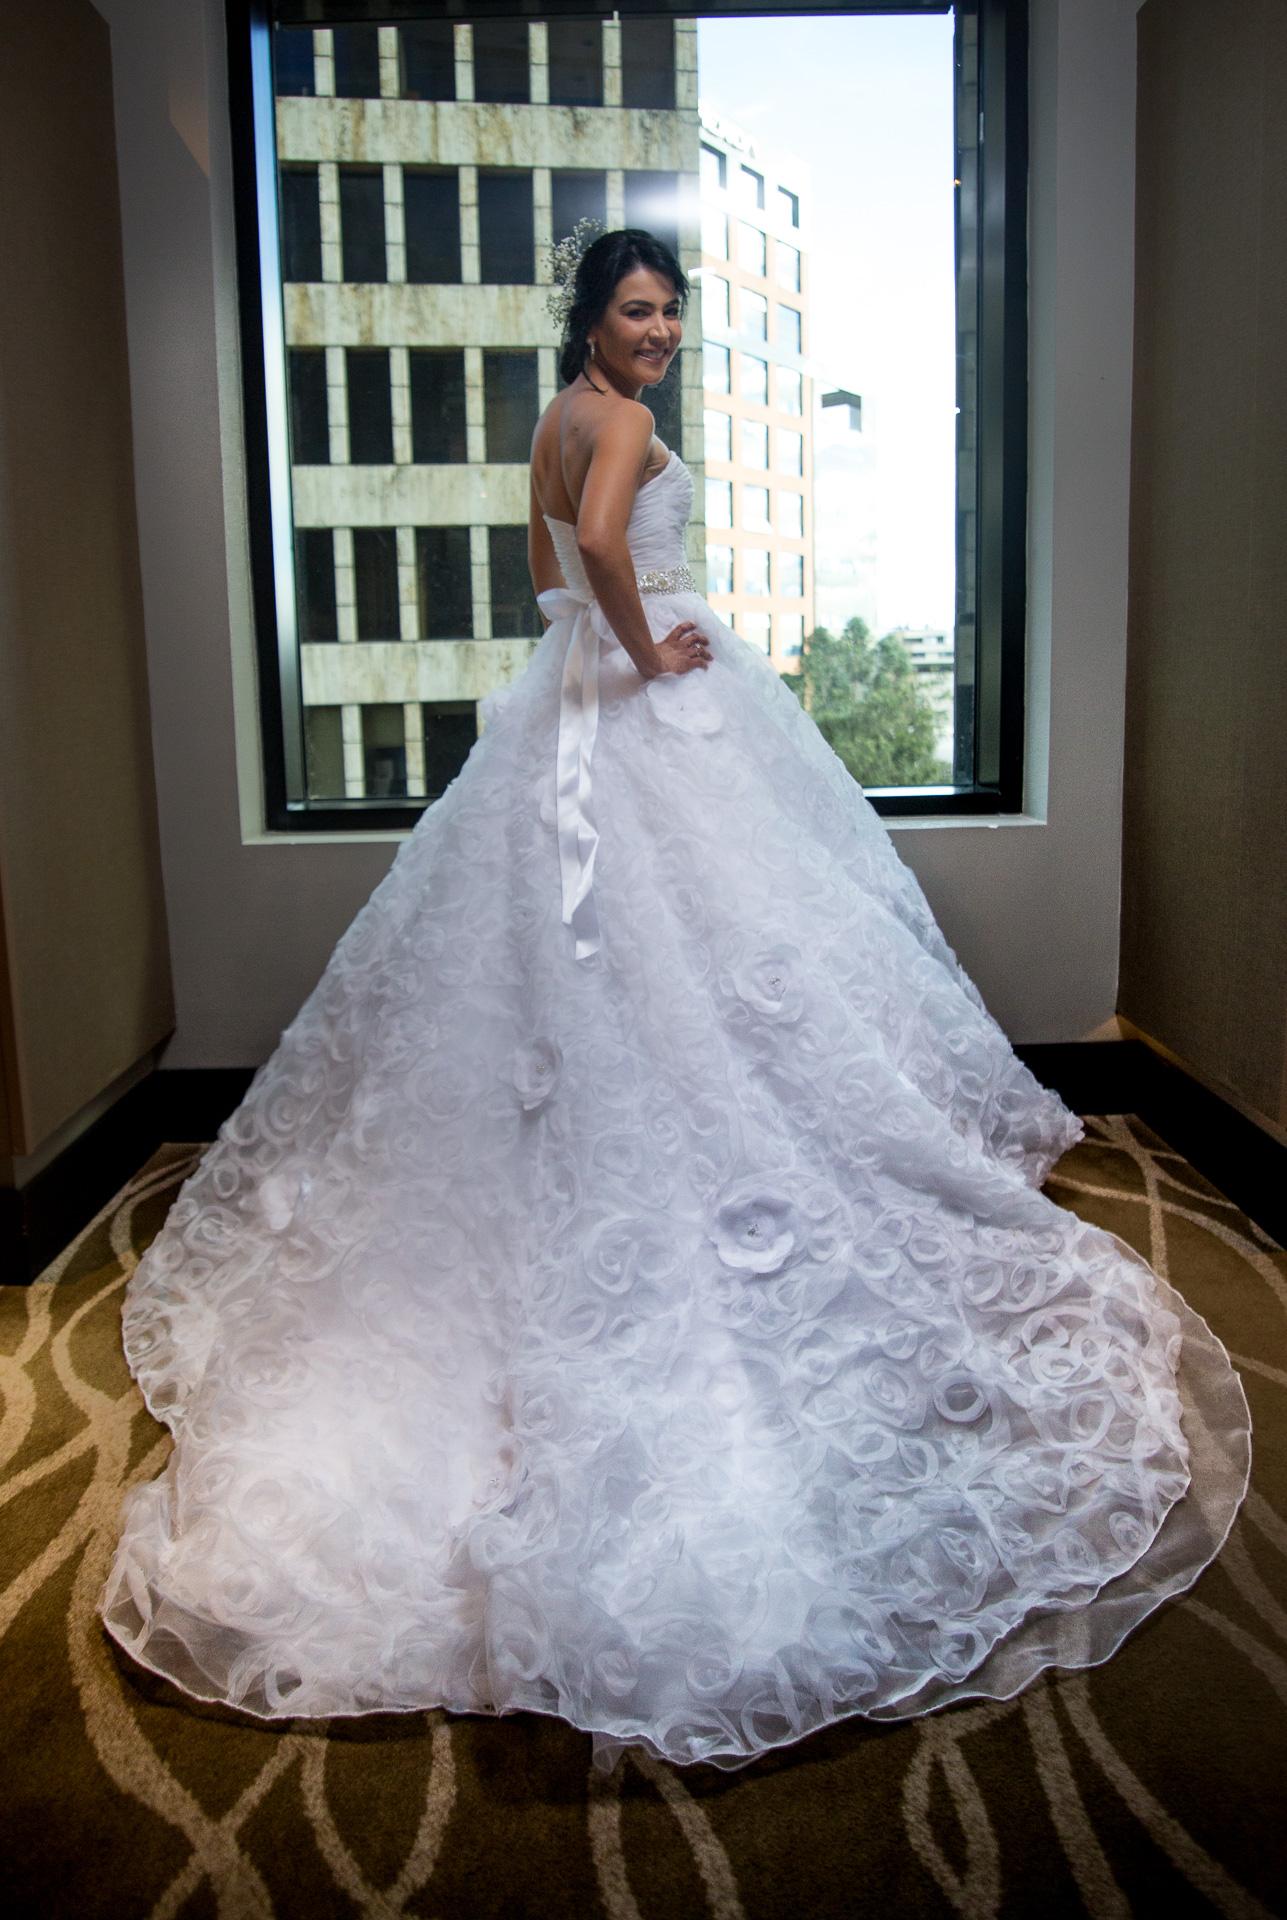 Fotógrafos-de-bodas-en-Colombia-Andrea-y-Antonio-11 ANDREA + ANTONIO